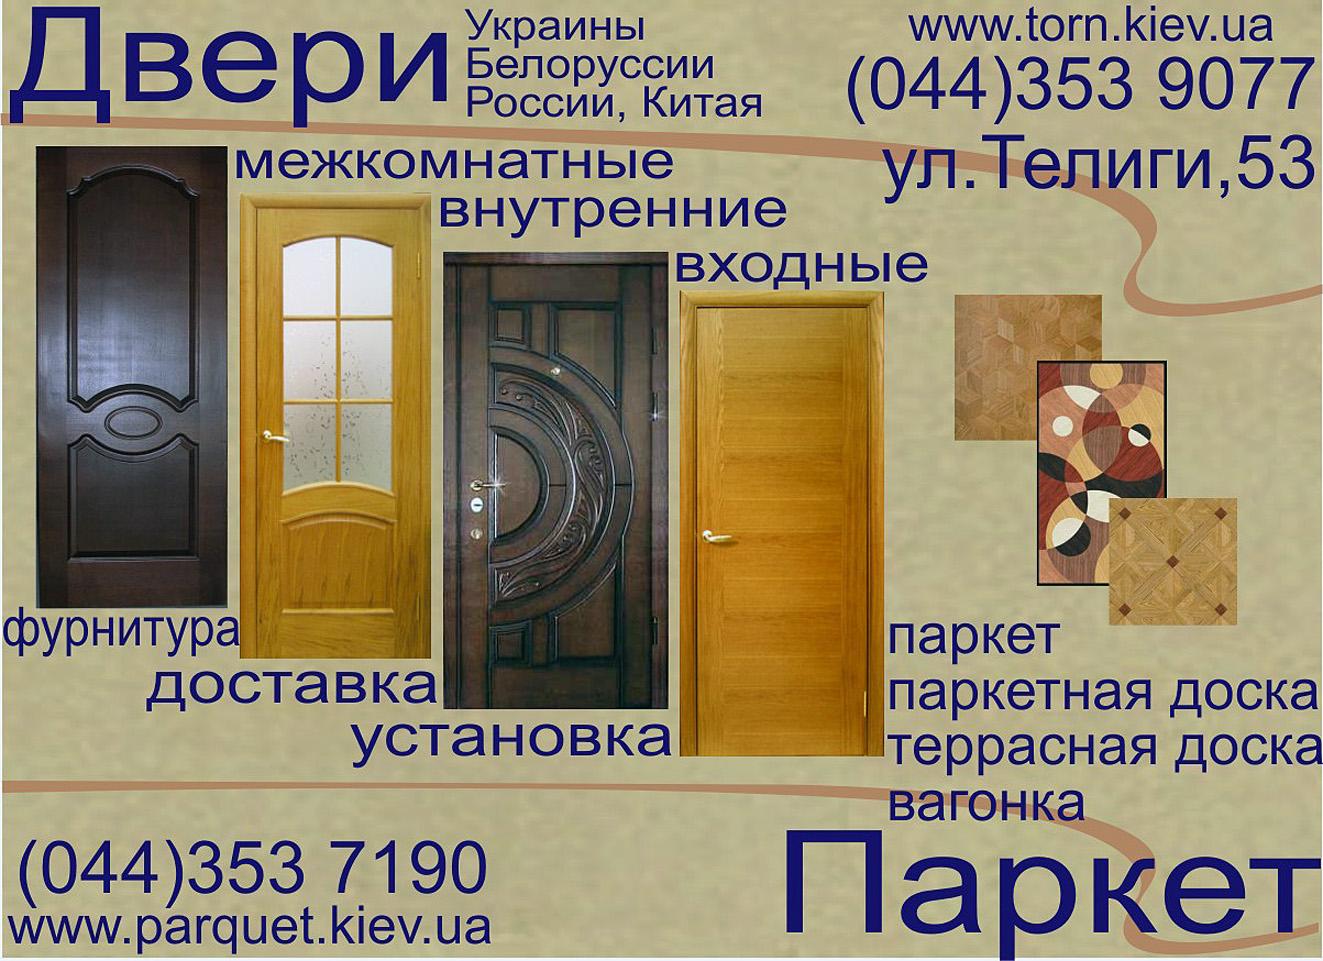 установка входной двери в магазин